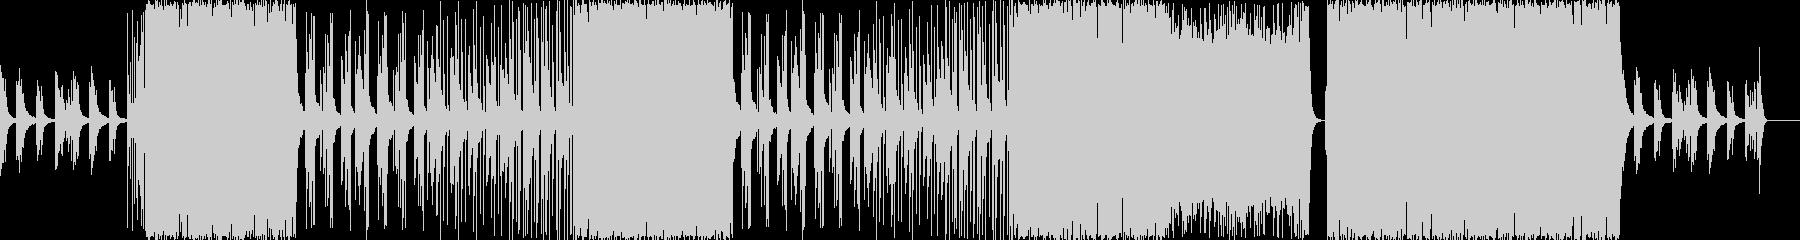 映画エンディング風/ピアノ/オーケストラの未再生の波形